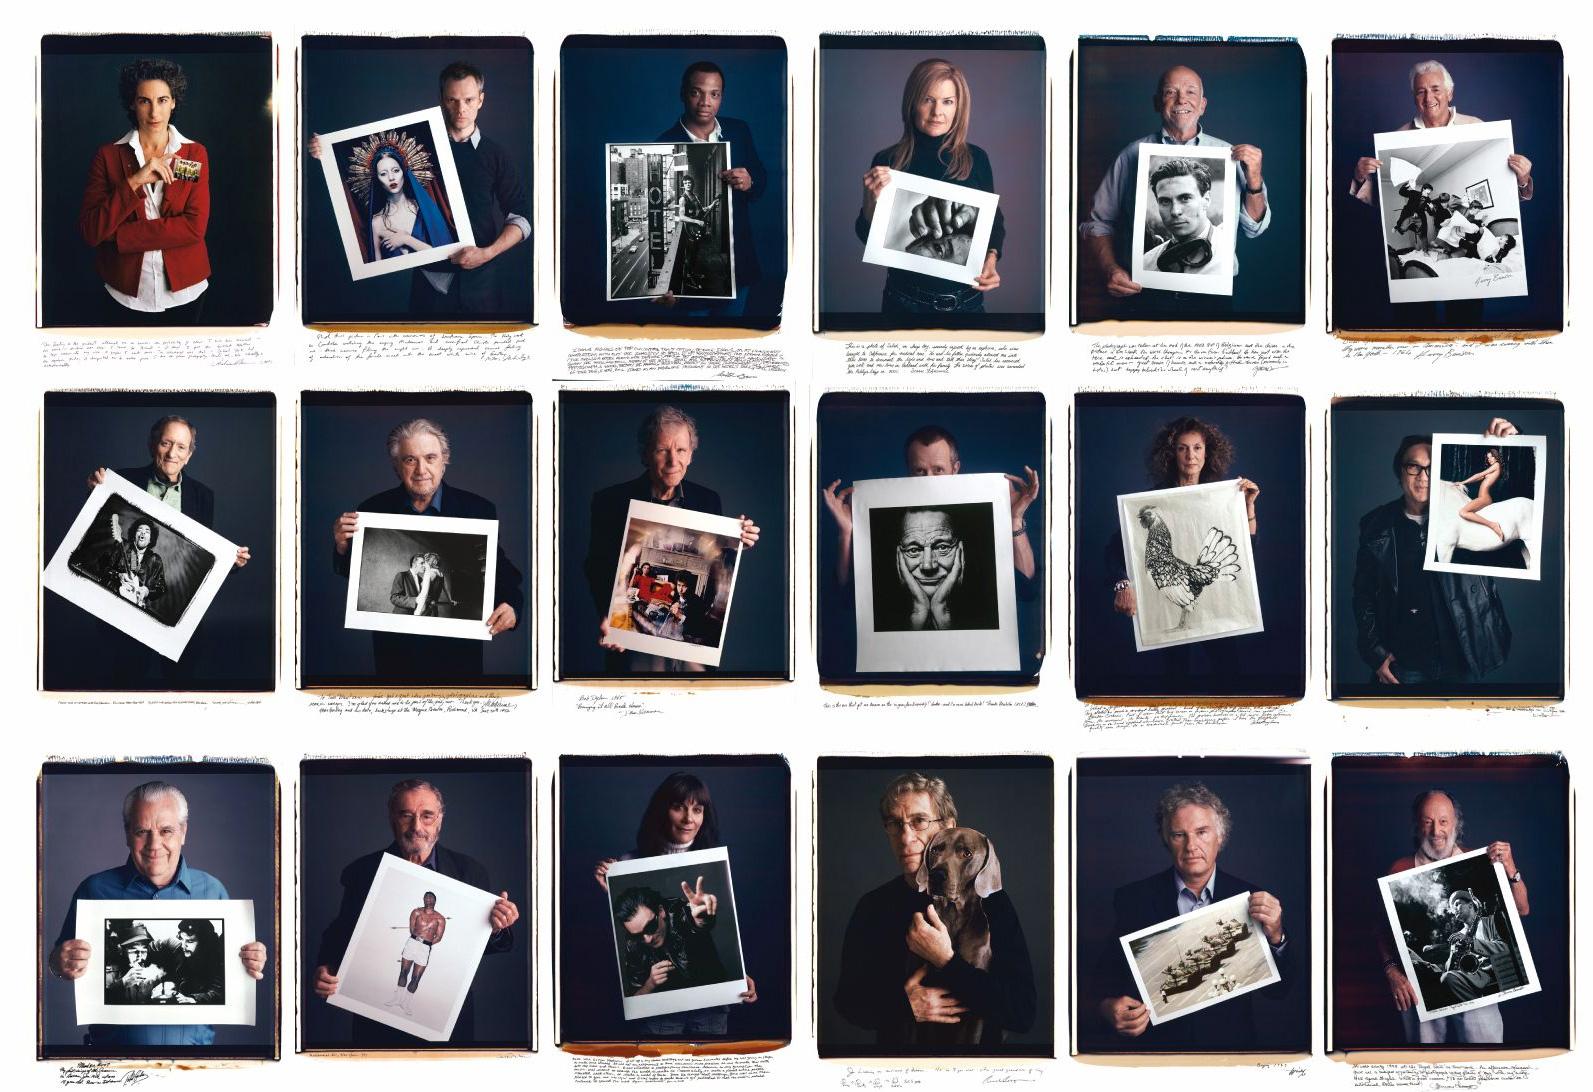 Fotógrafos Famosos Posando Con Sus Imágenes Más Icónicas. Imprescindible Ver La #7